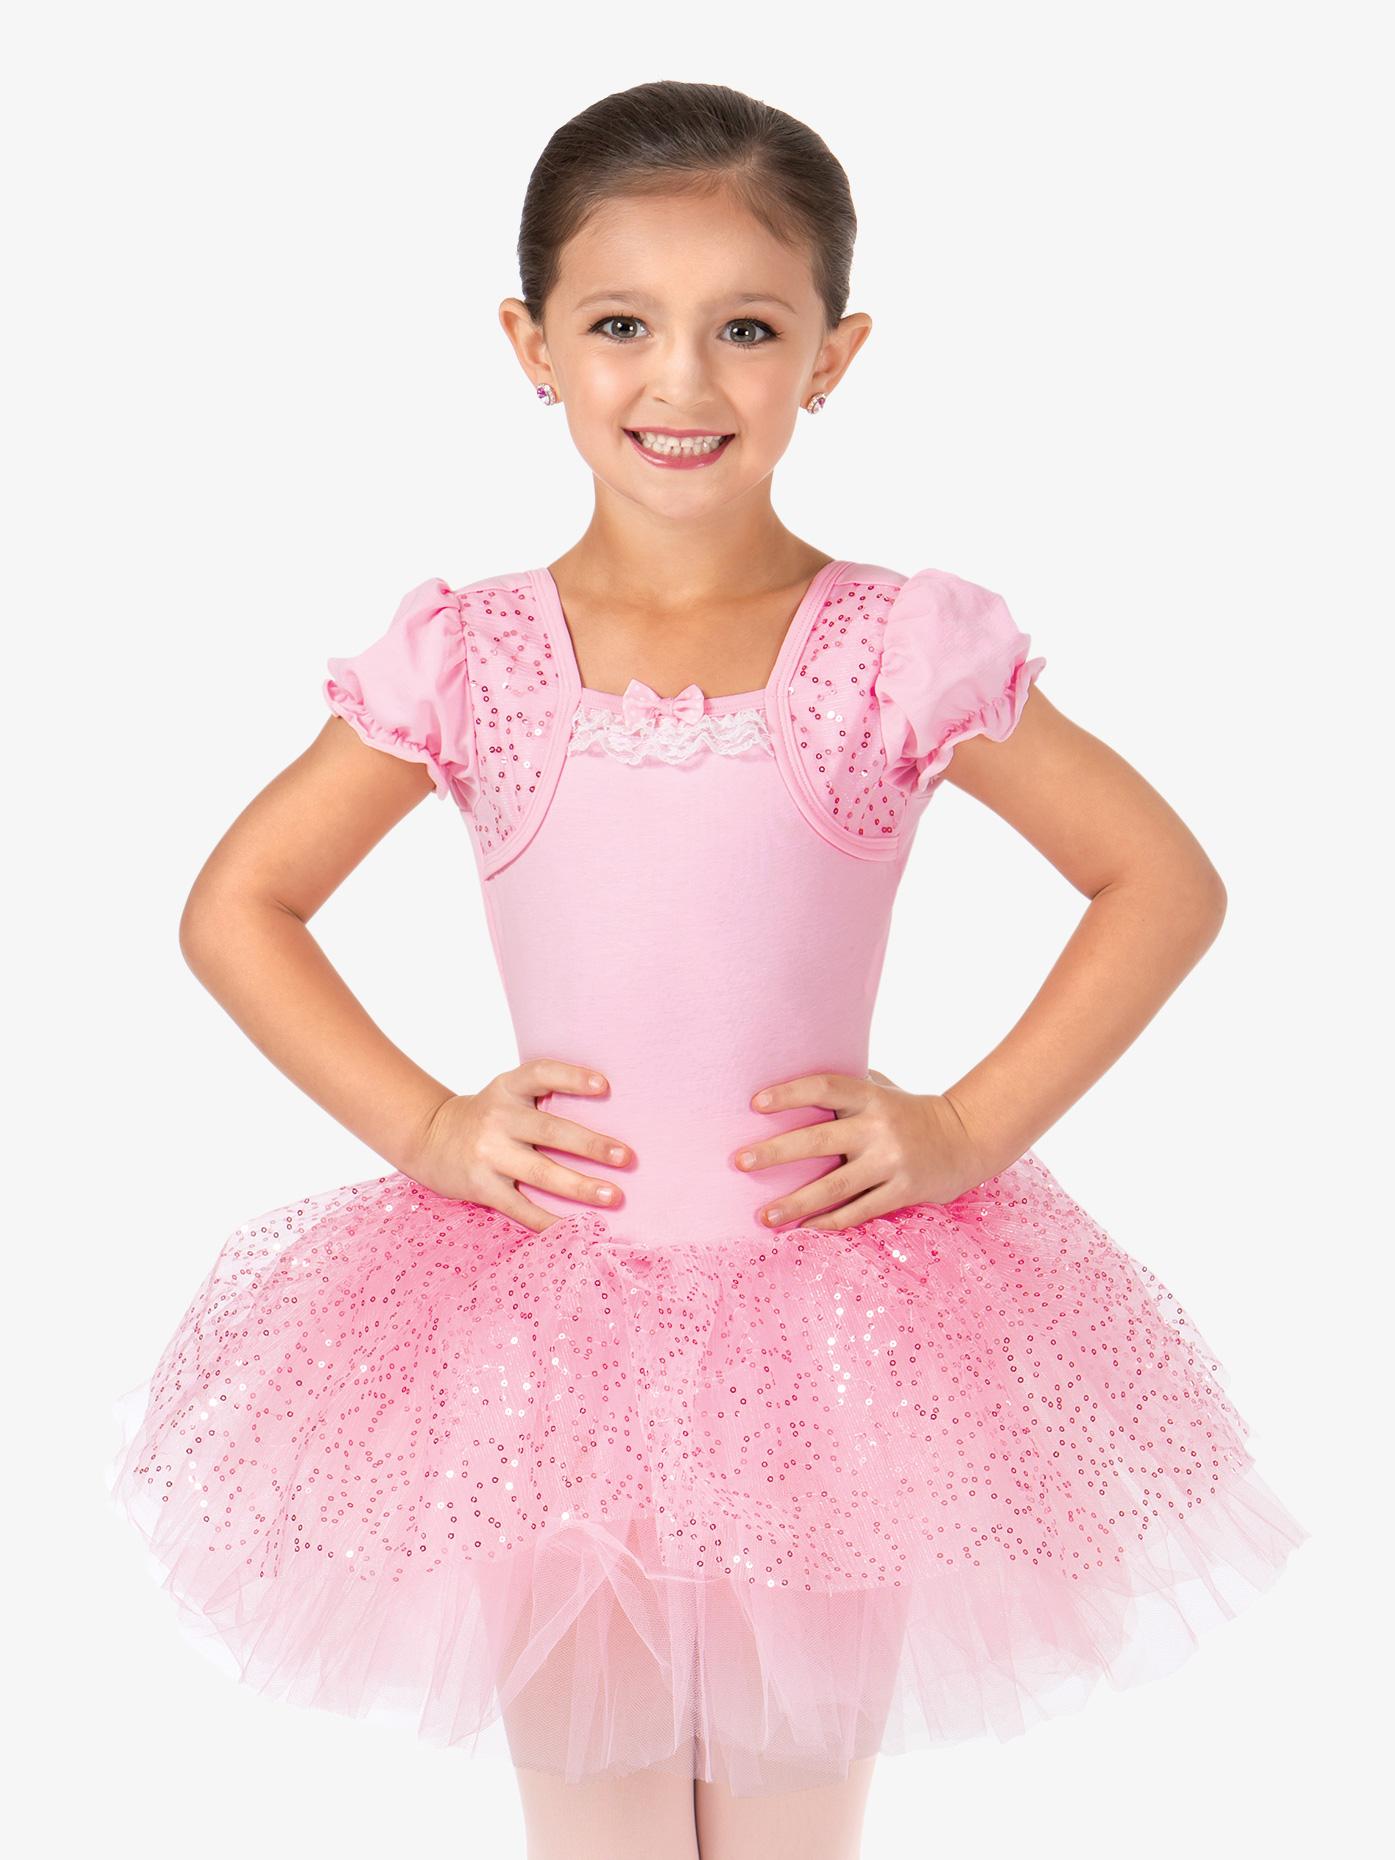 d37abd4ea La Petite Ballerina Girls Dancewear at DancewearDeals.com